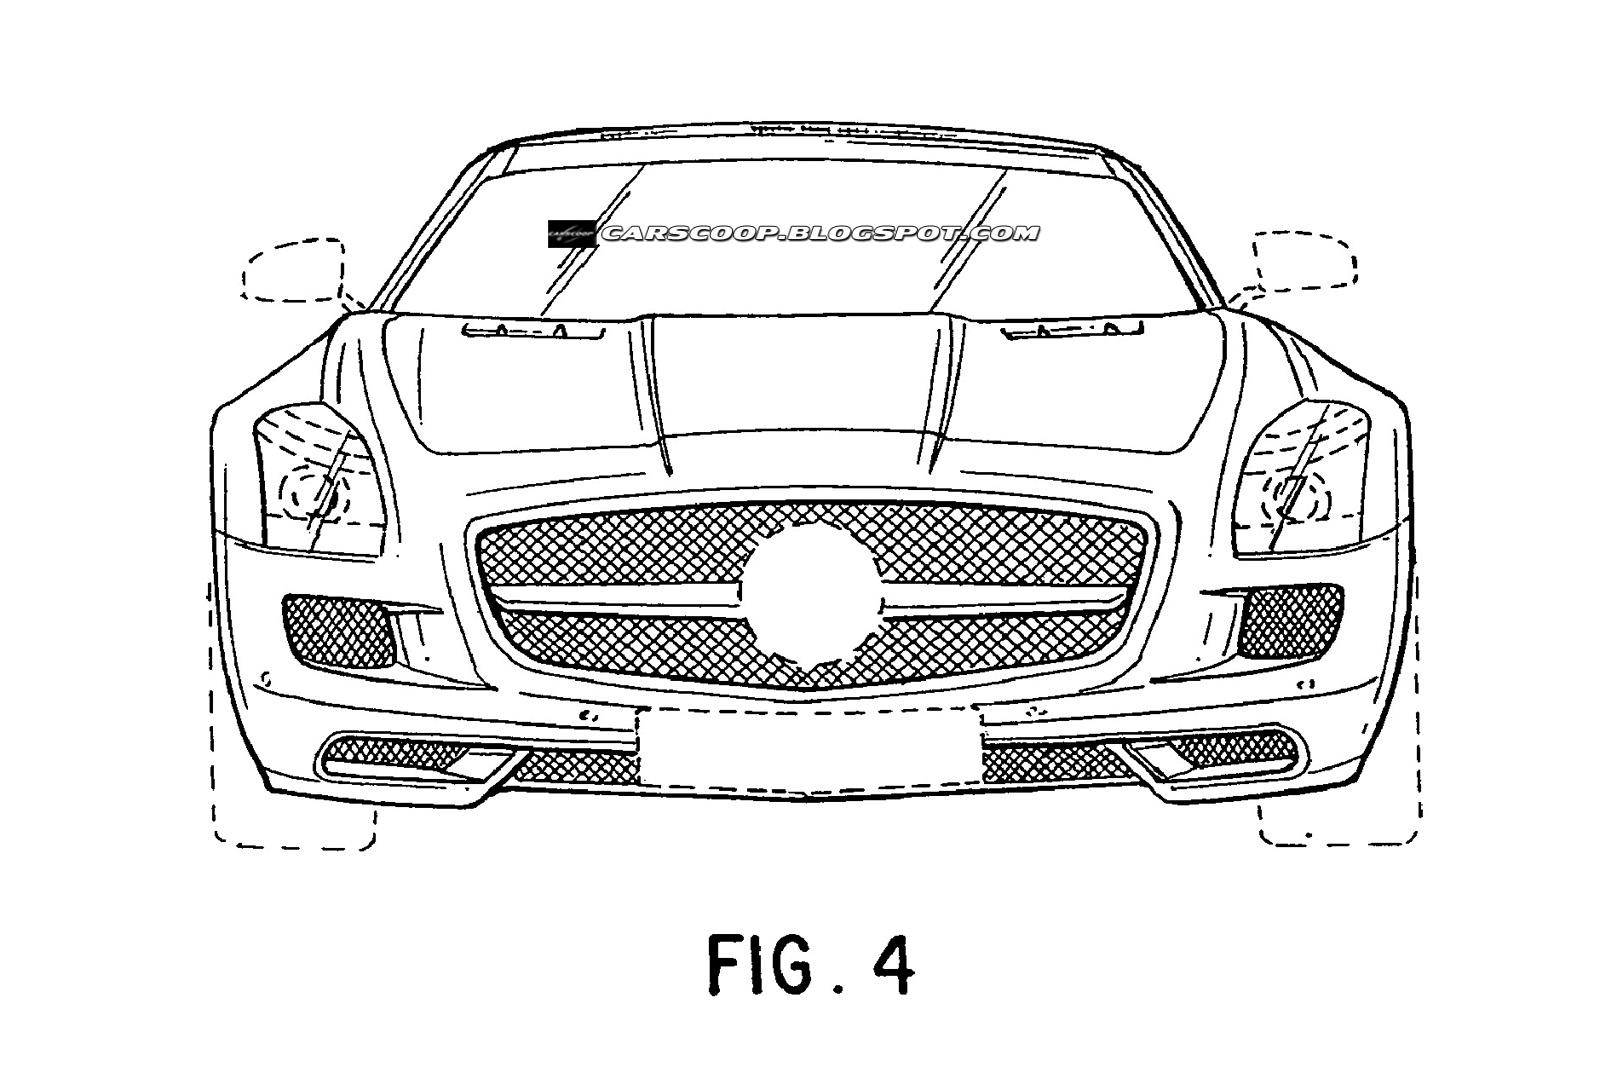 Progetti della Mercedes SLS AMG spider